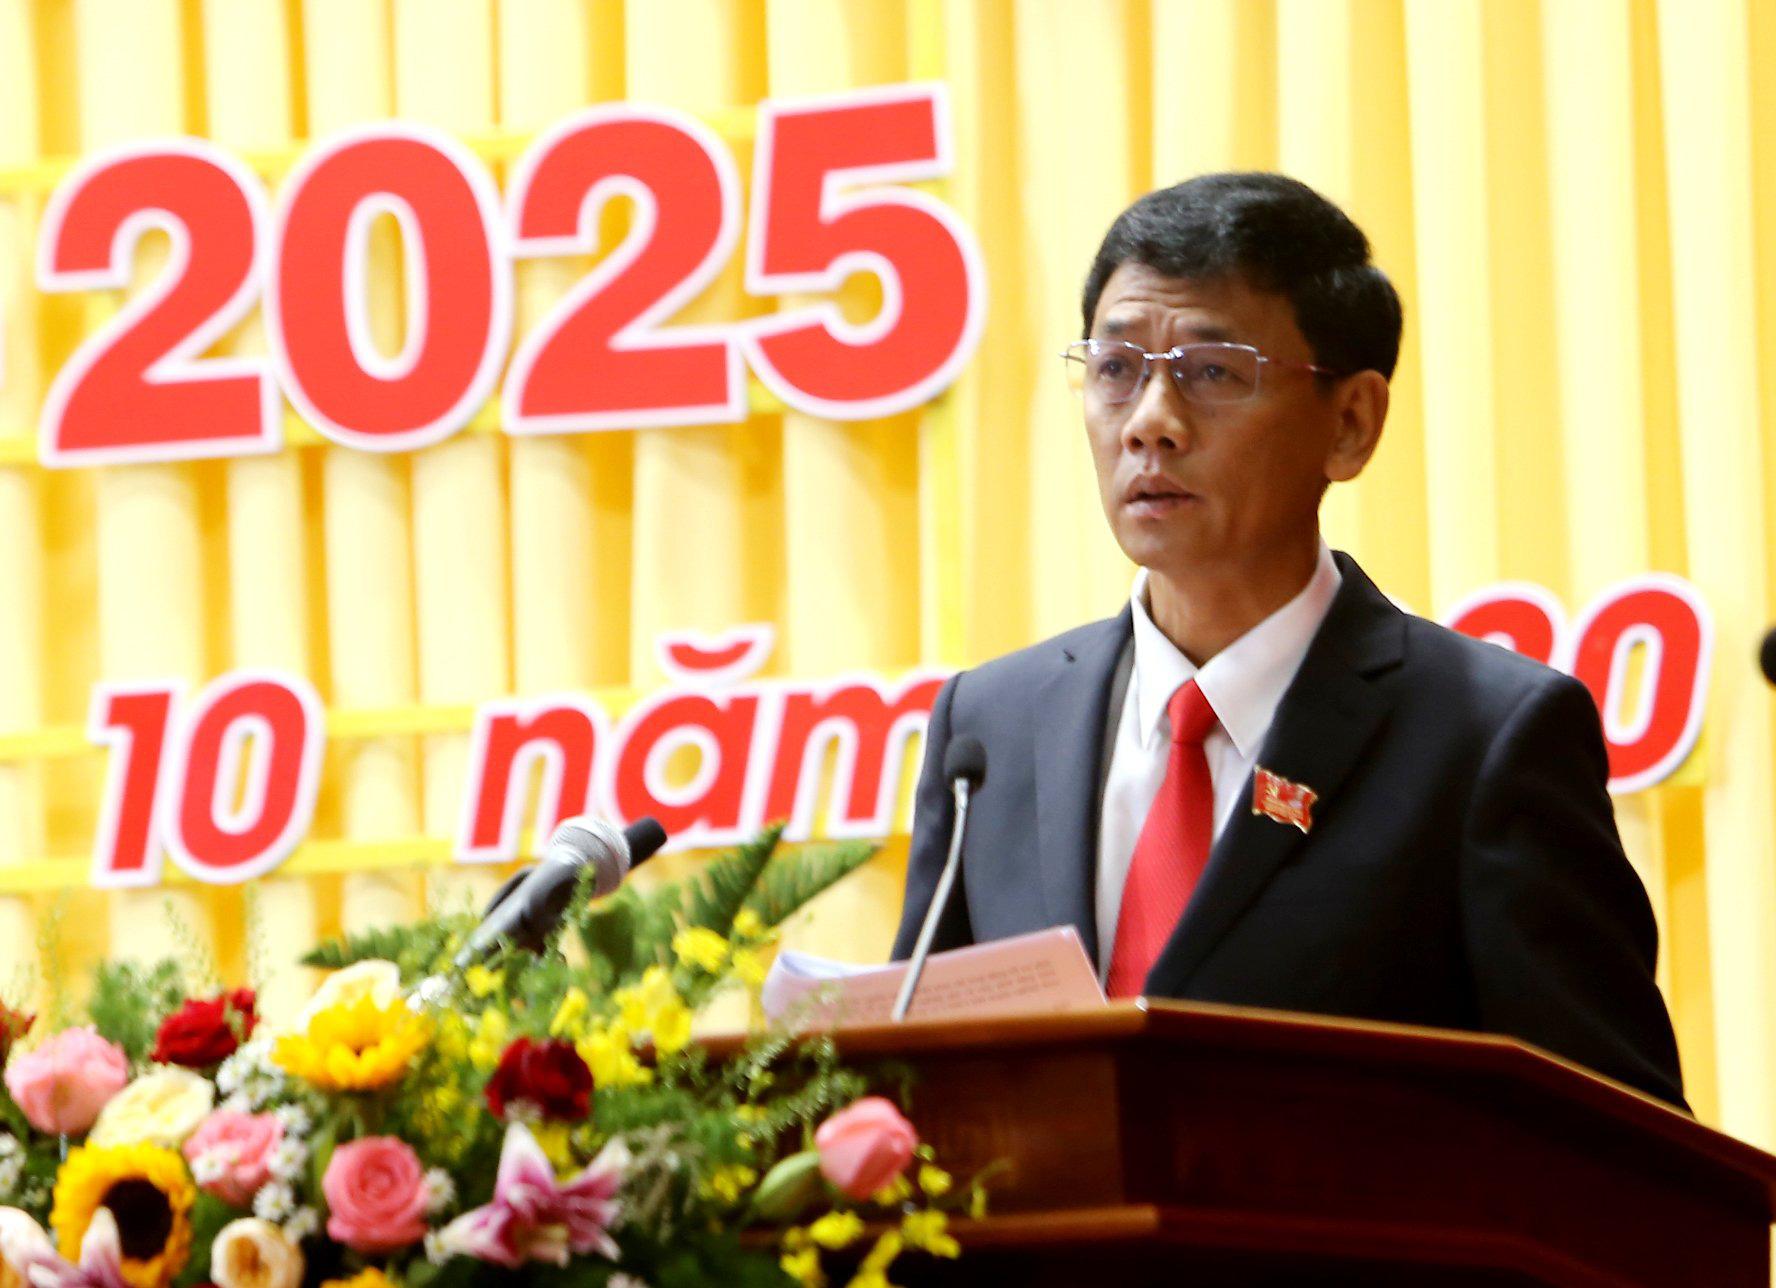 Sóc Trăng: Ông Lâm Văn Mẫn trúng cử Bí thư Tỉnh ủy Sóc Trăng - Ảnh 1.